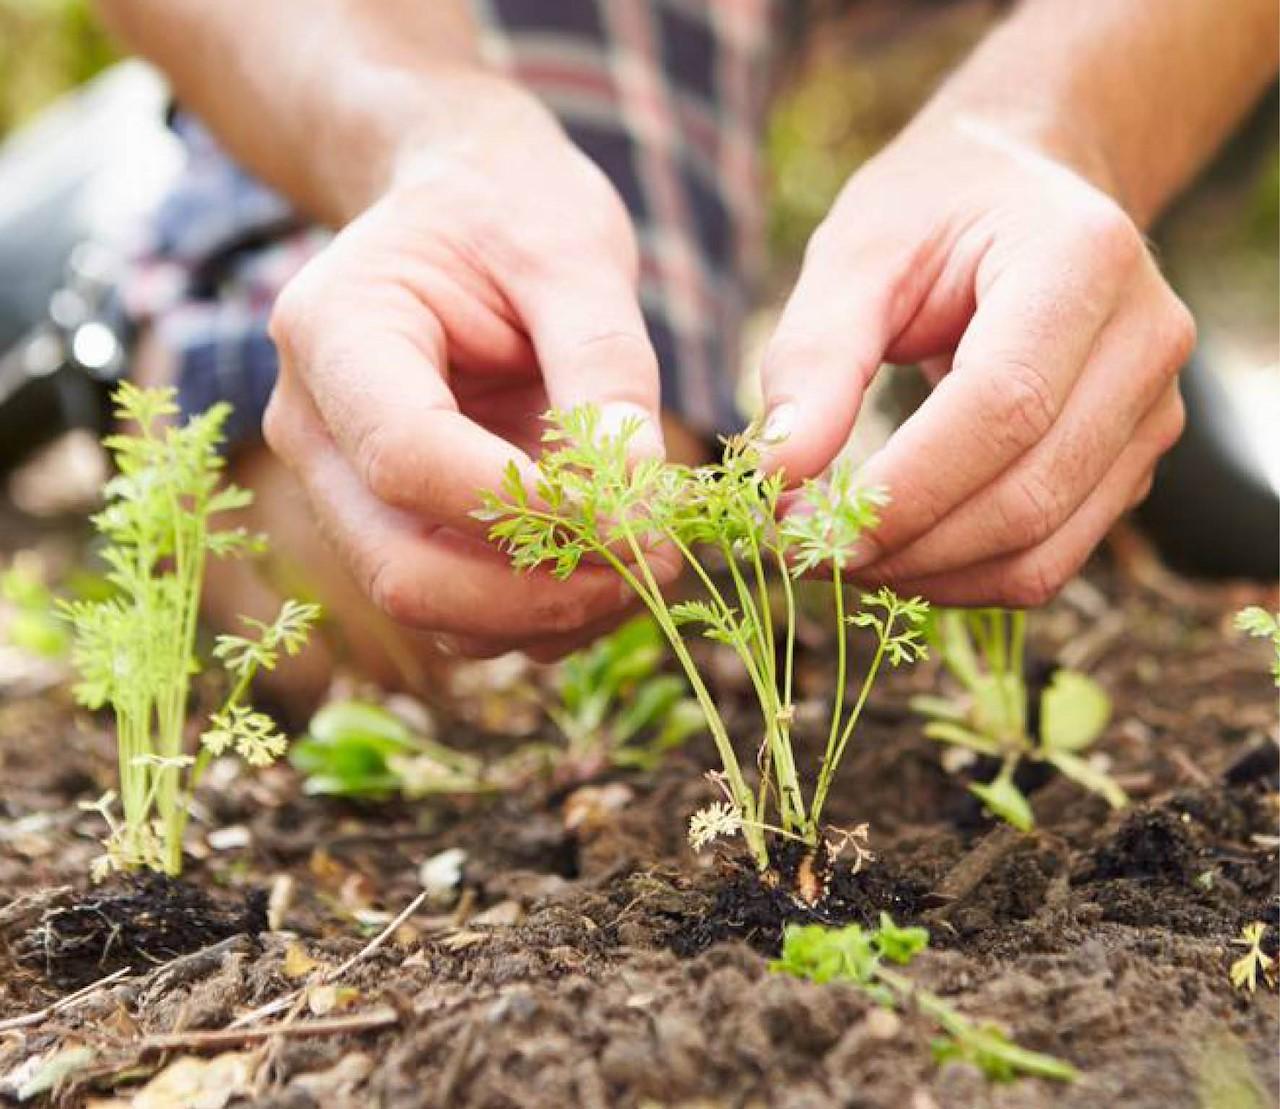 Moestuin mei: met een gerust hart planten